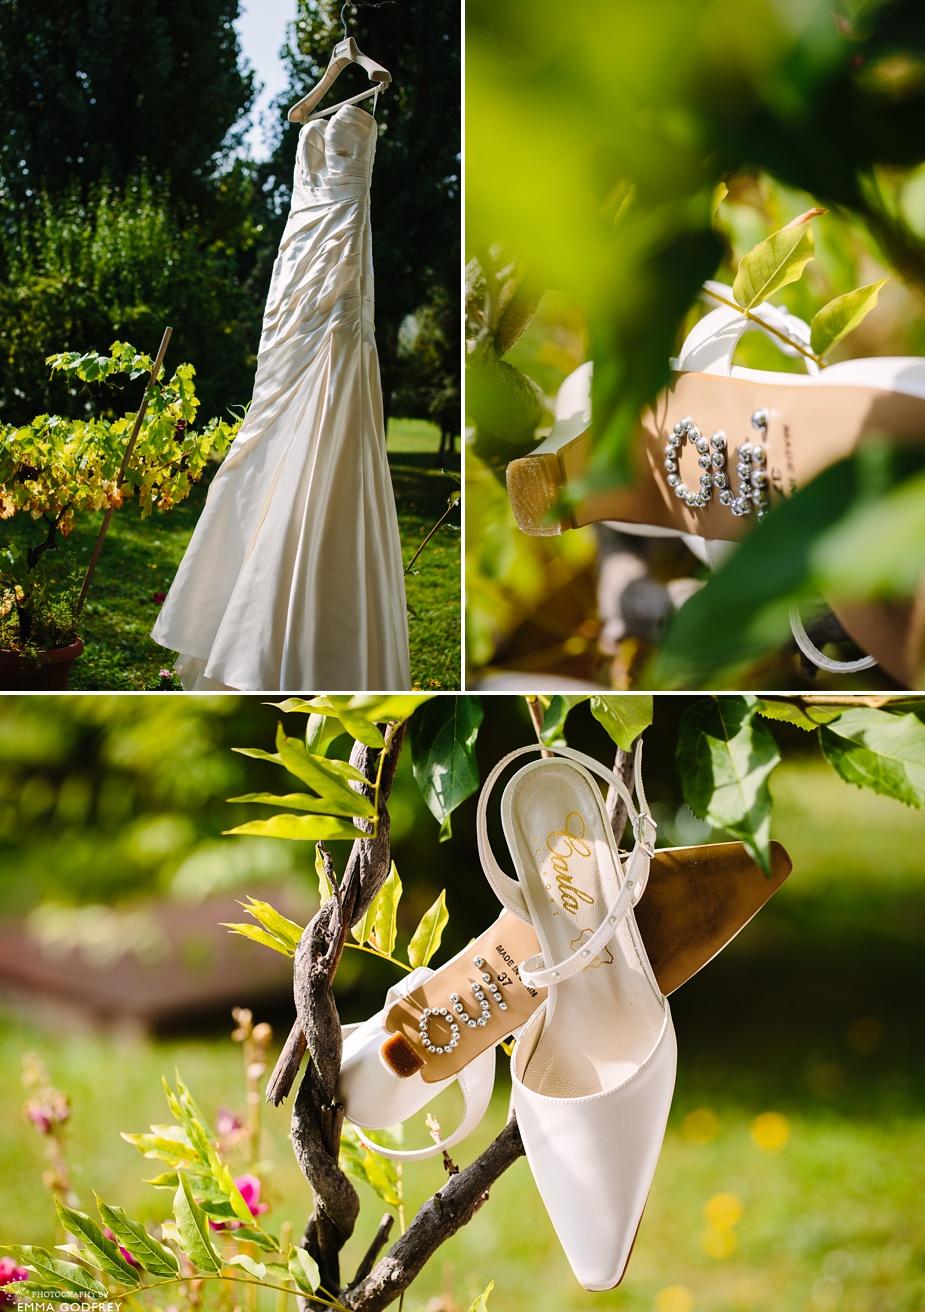 vineyard-wedding-yens-switzerland_0001.jpg